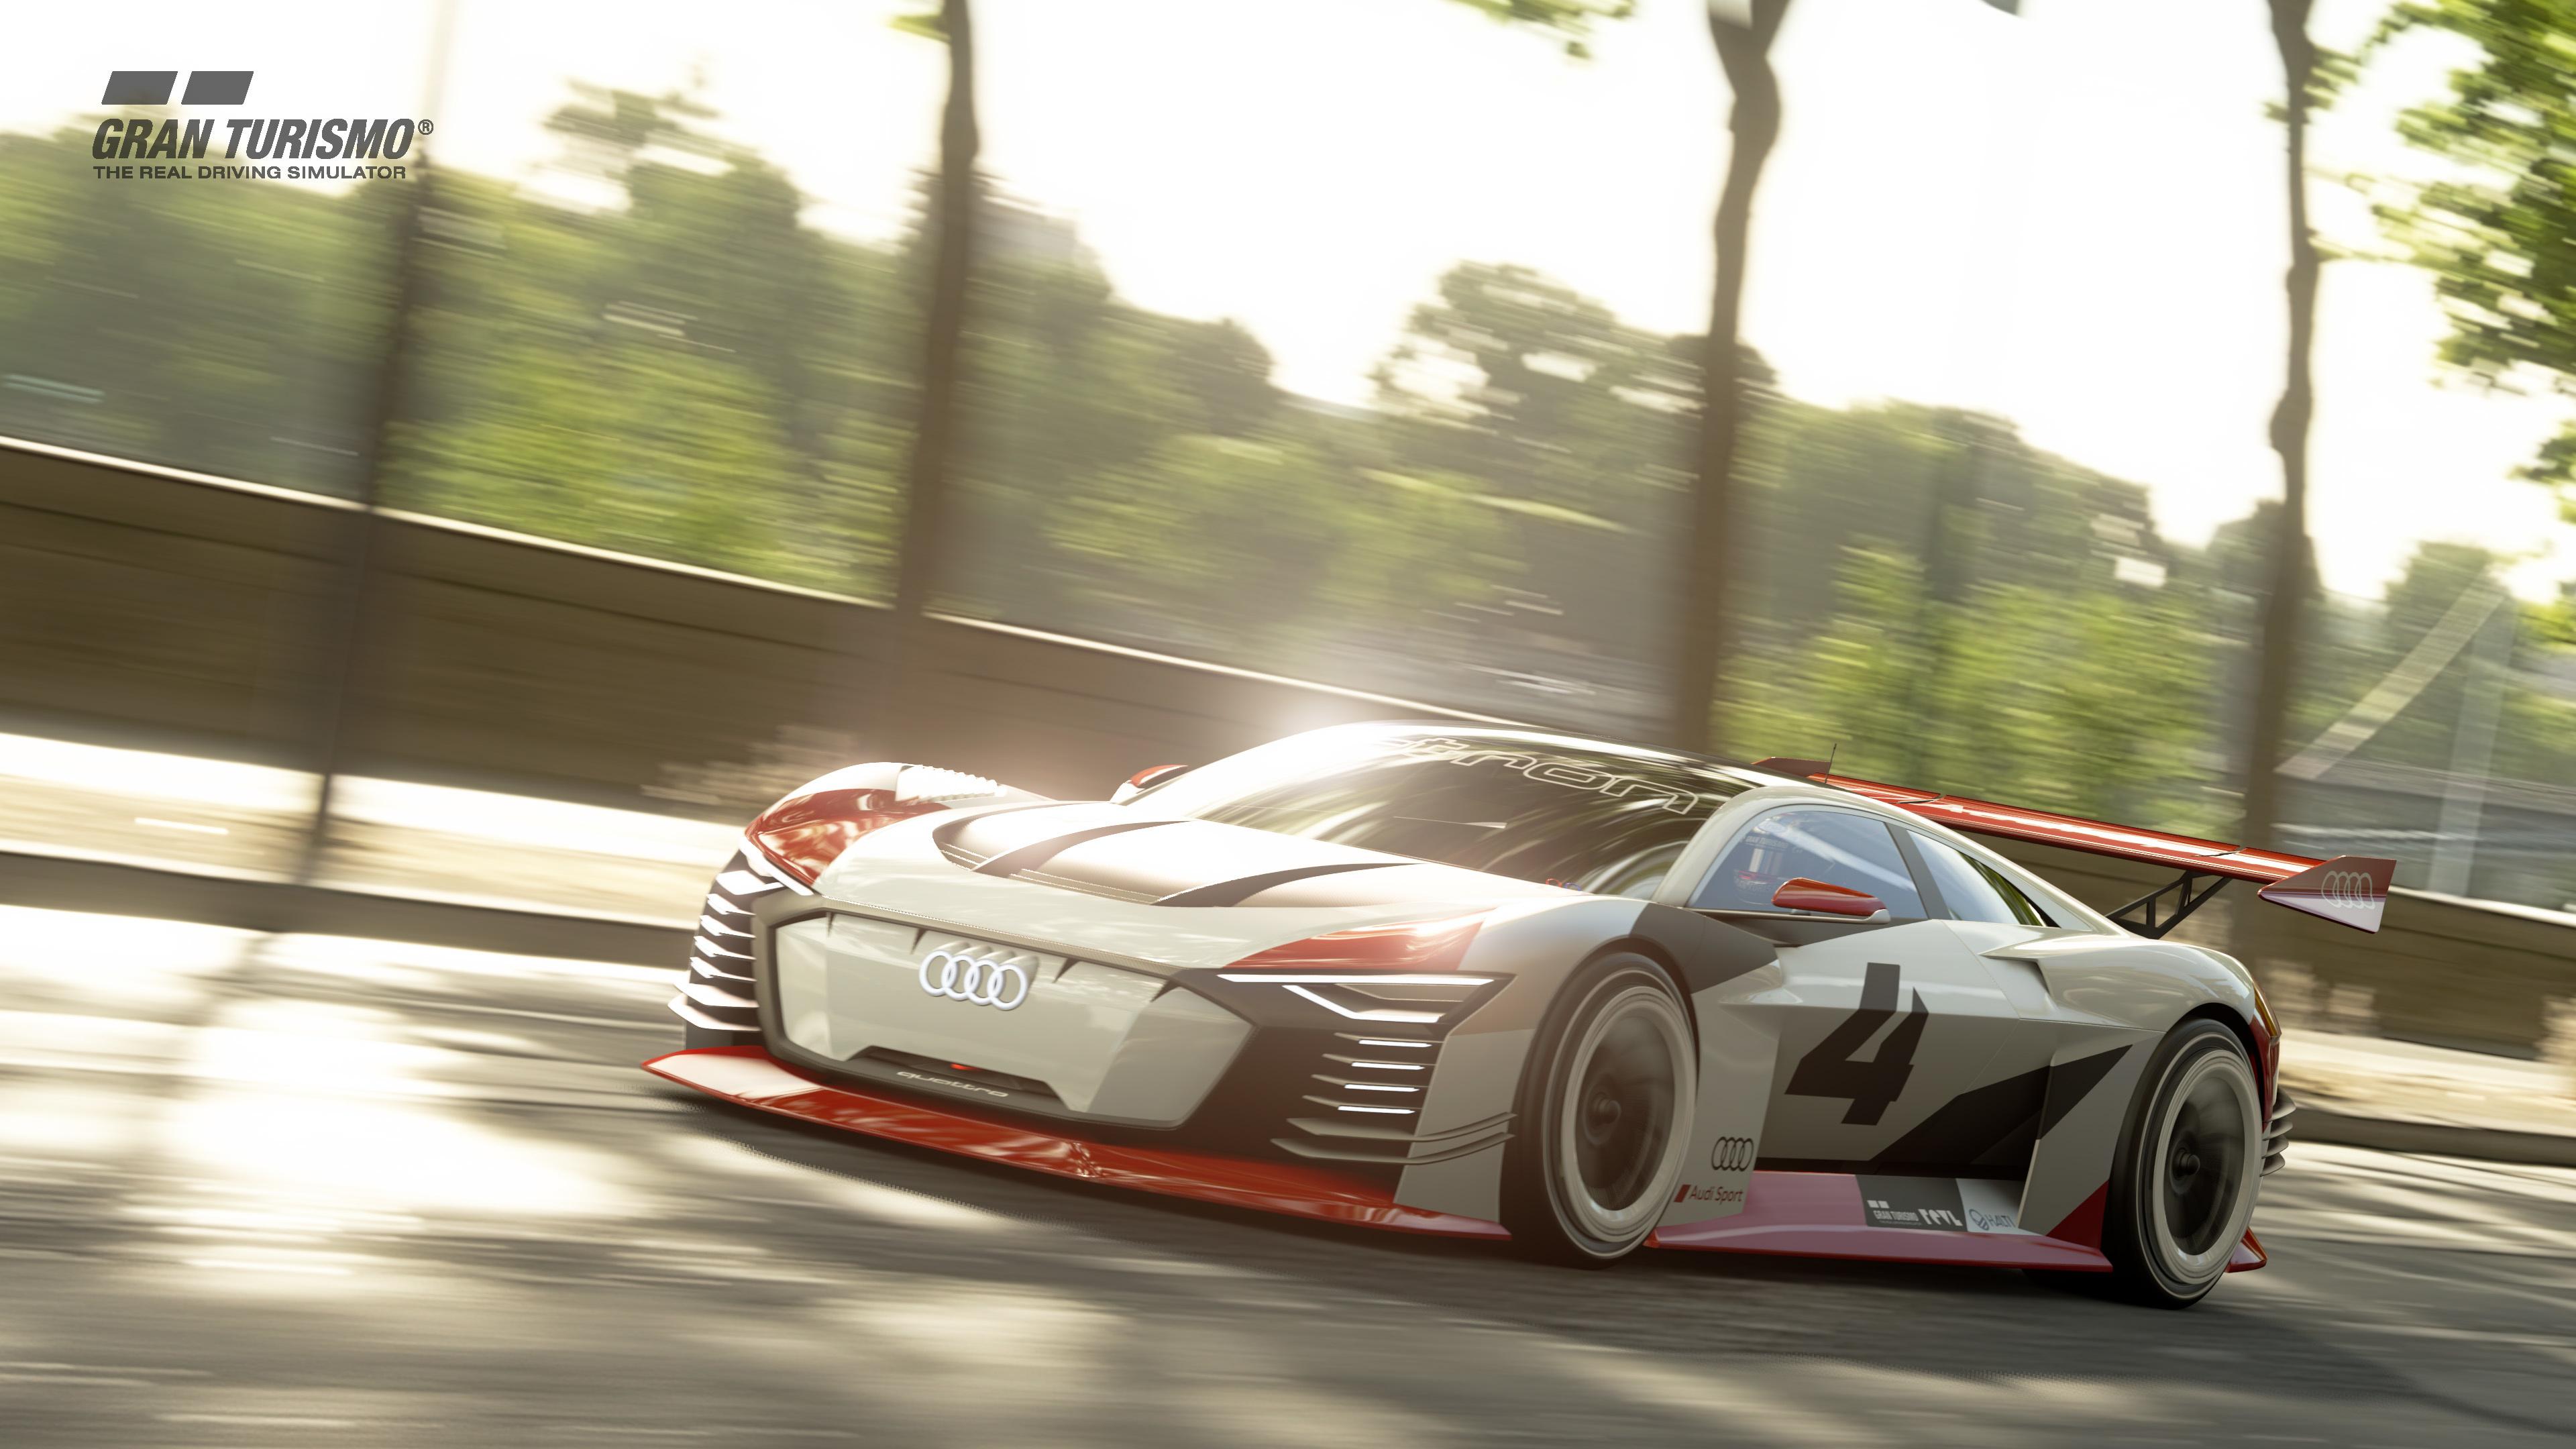 Den gibts jetzt in echt: So sah der Audi e-tron Vision Gran Turismo auf der Playstation aus. (Audi)